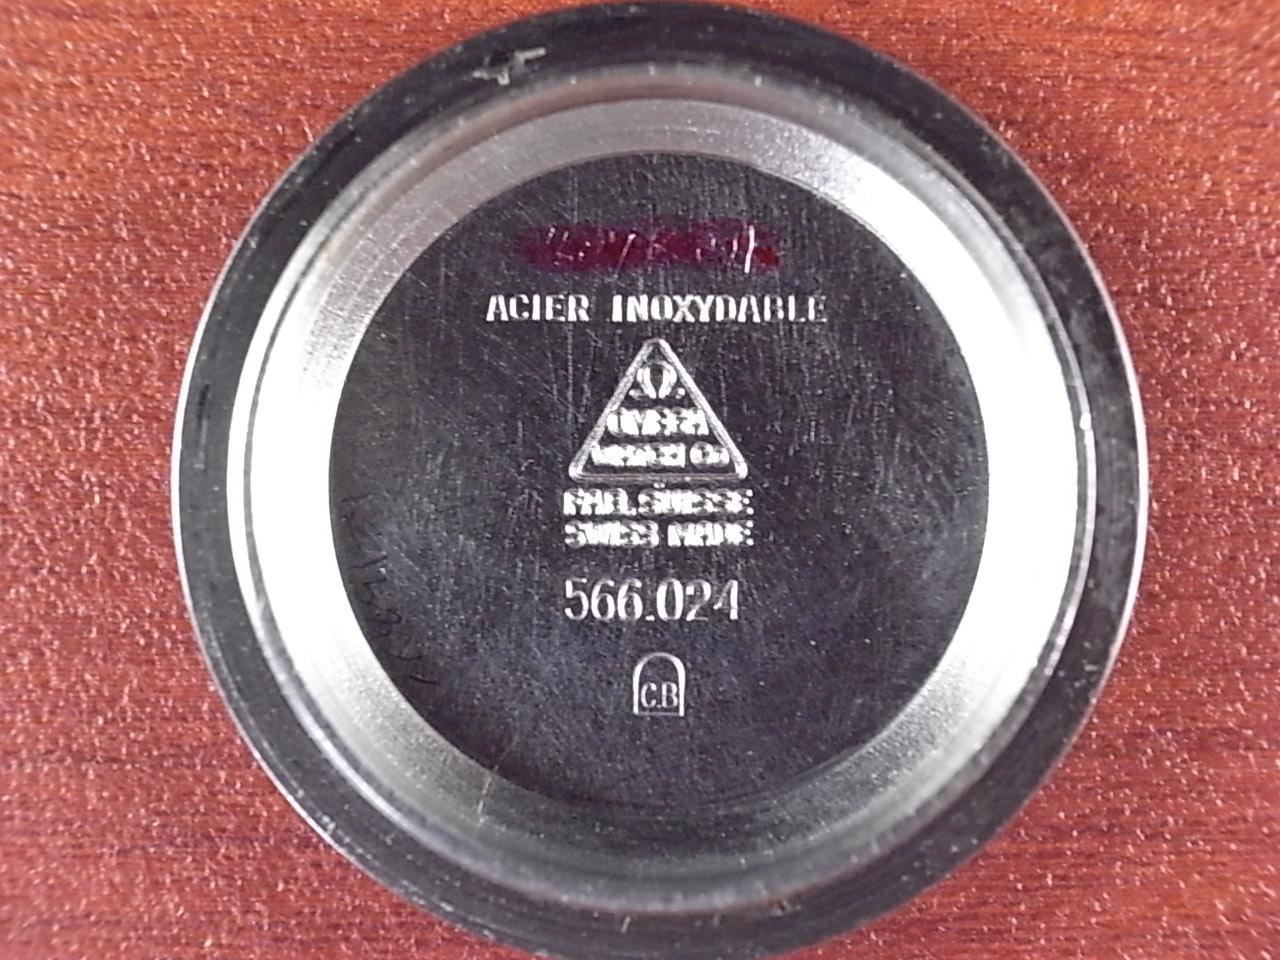 オメガ シーマスター60 レディース ダイバーズウォッチ 1970年代の写真6枚目